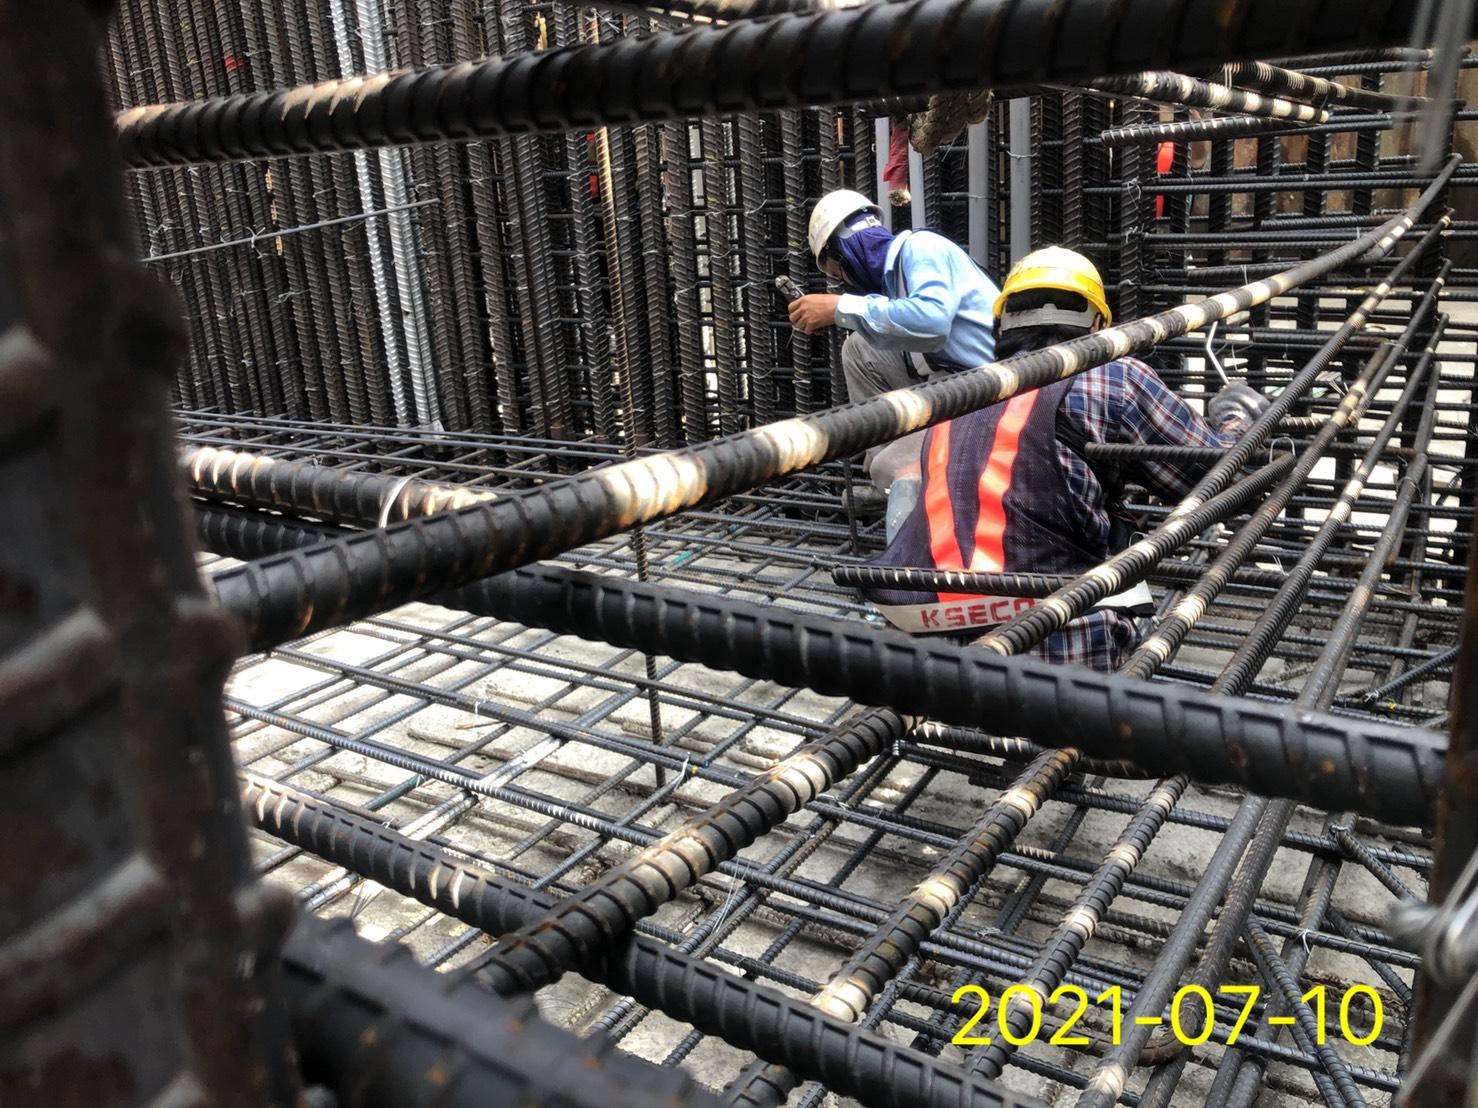 橋墩墩柱樁帽鋼筋綁紮作業.